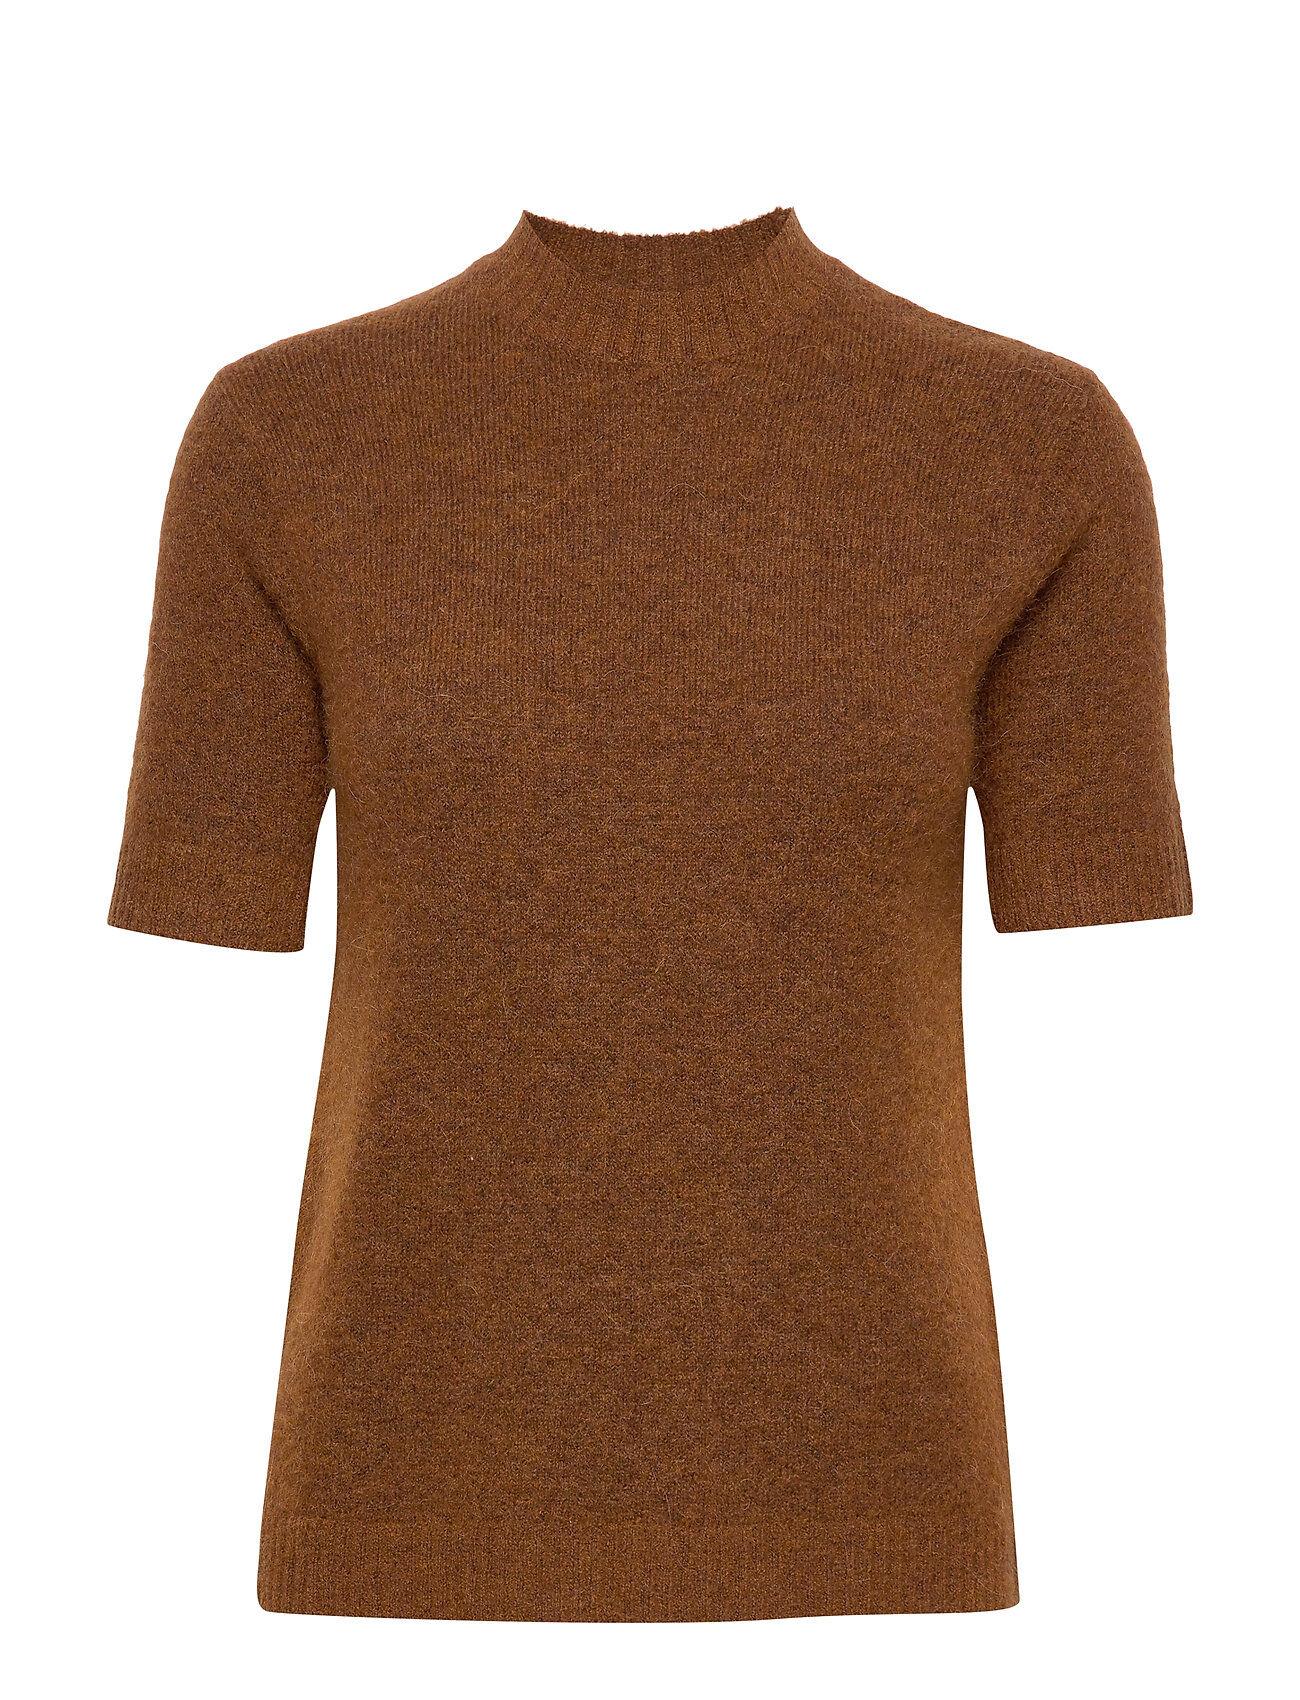 Camilla Pihl Rome T-shirts & Tops Knitted T-shirts/tops Ruskea Camilla Pihl